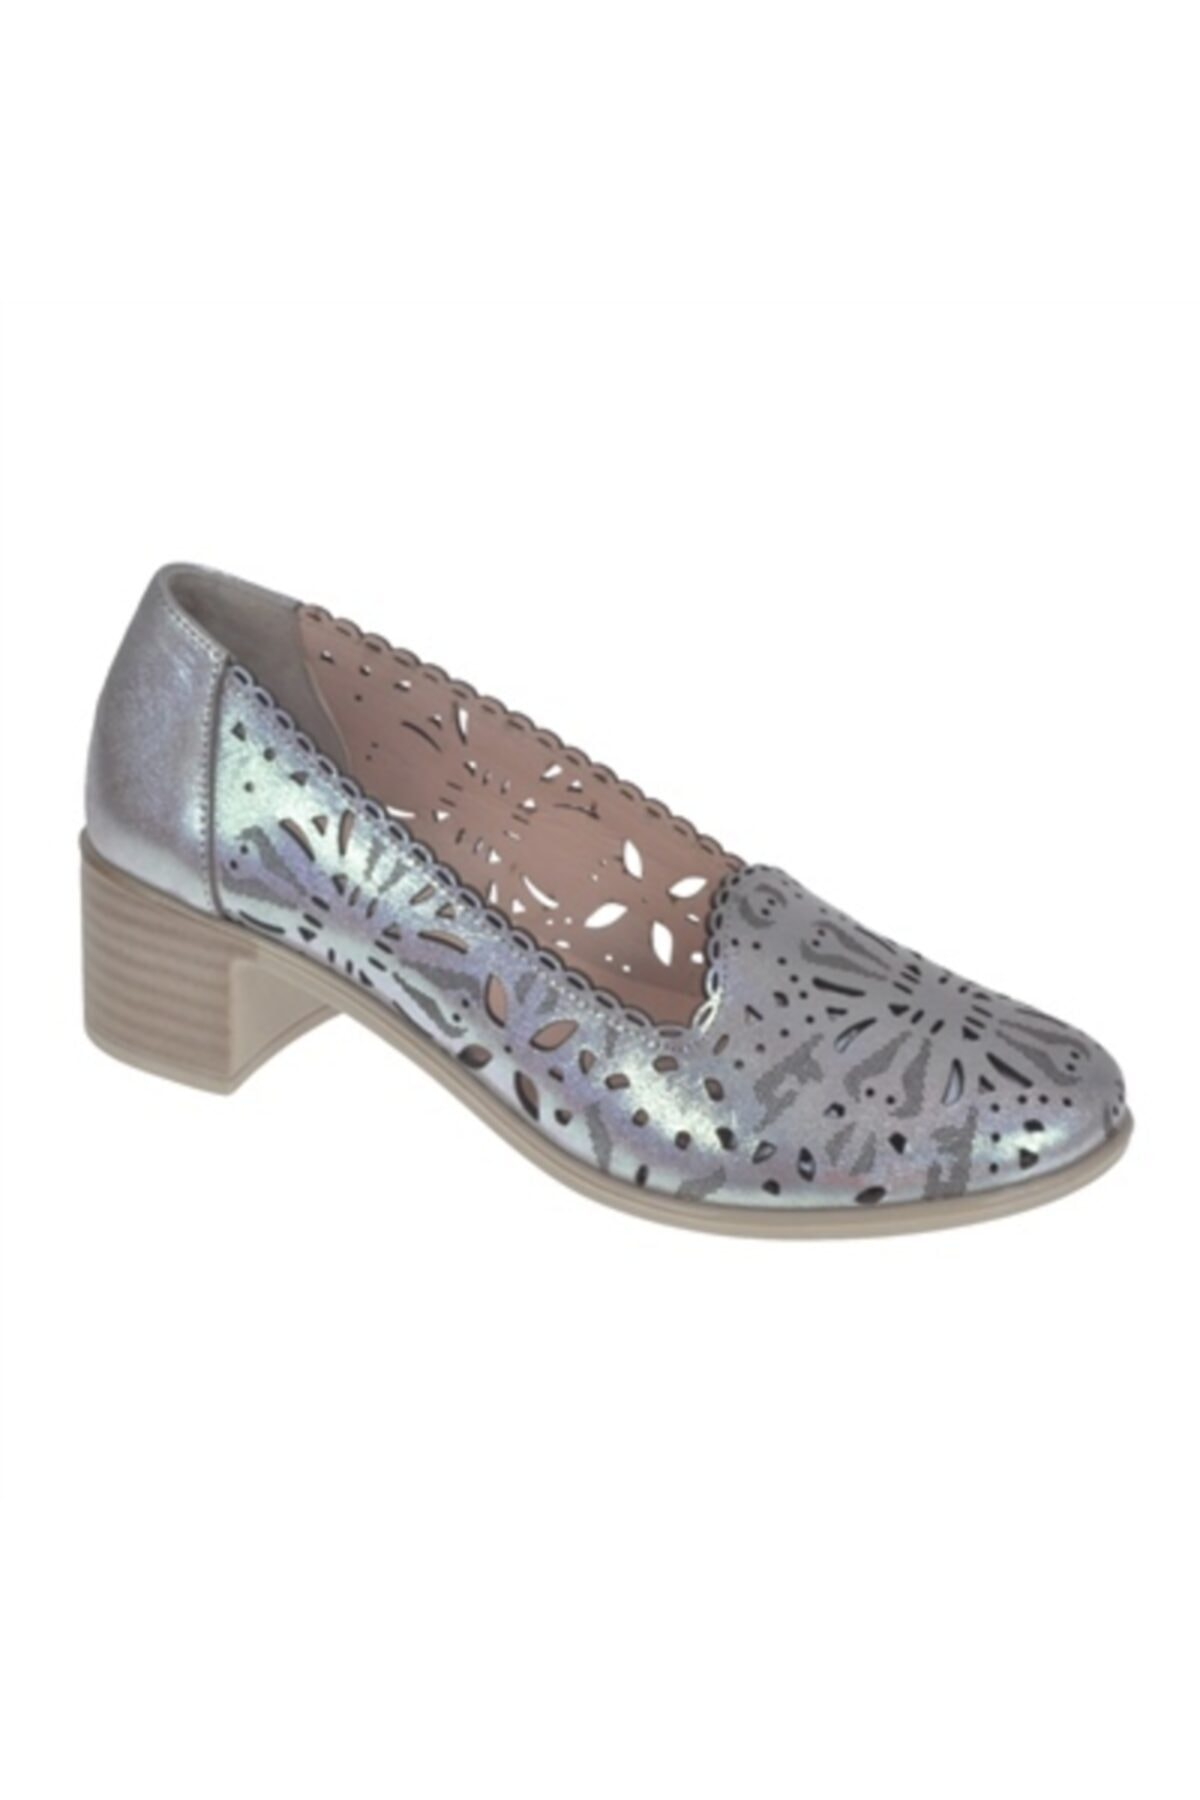 SHALİN Hakiki Deri Kadın Ayakkabı N-2110 Vizon